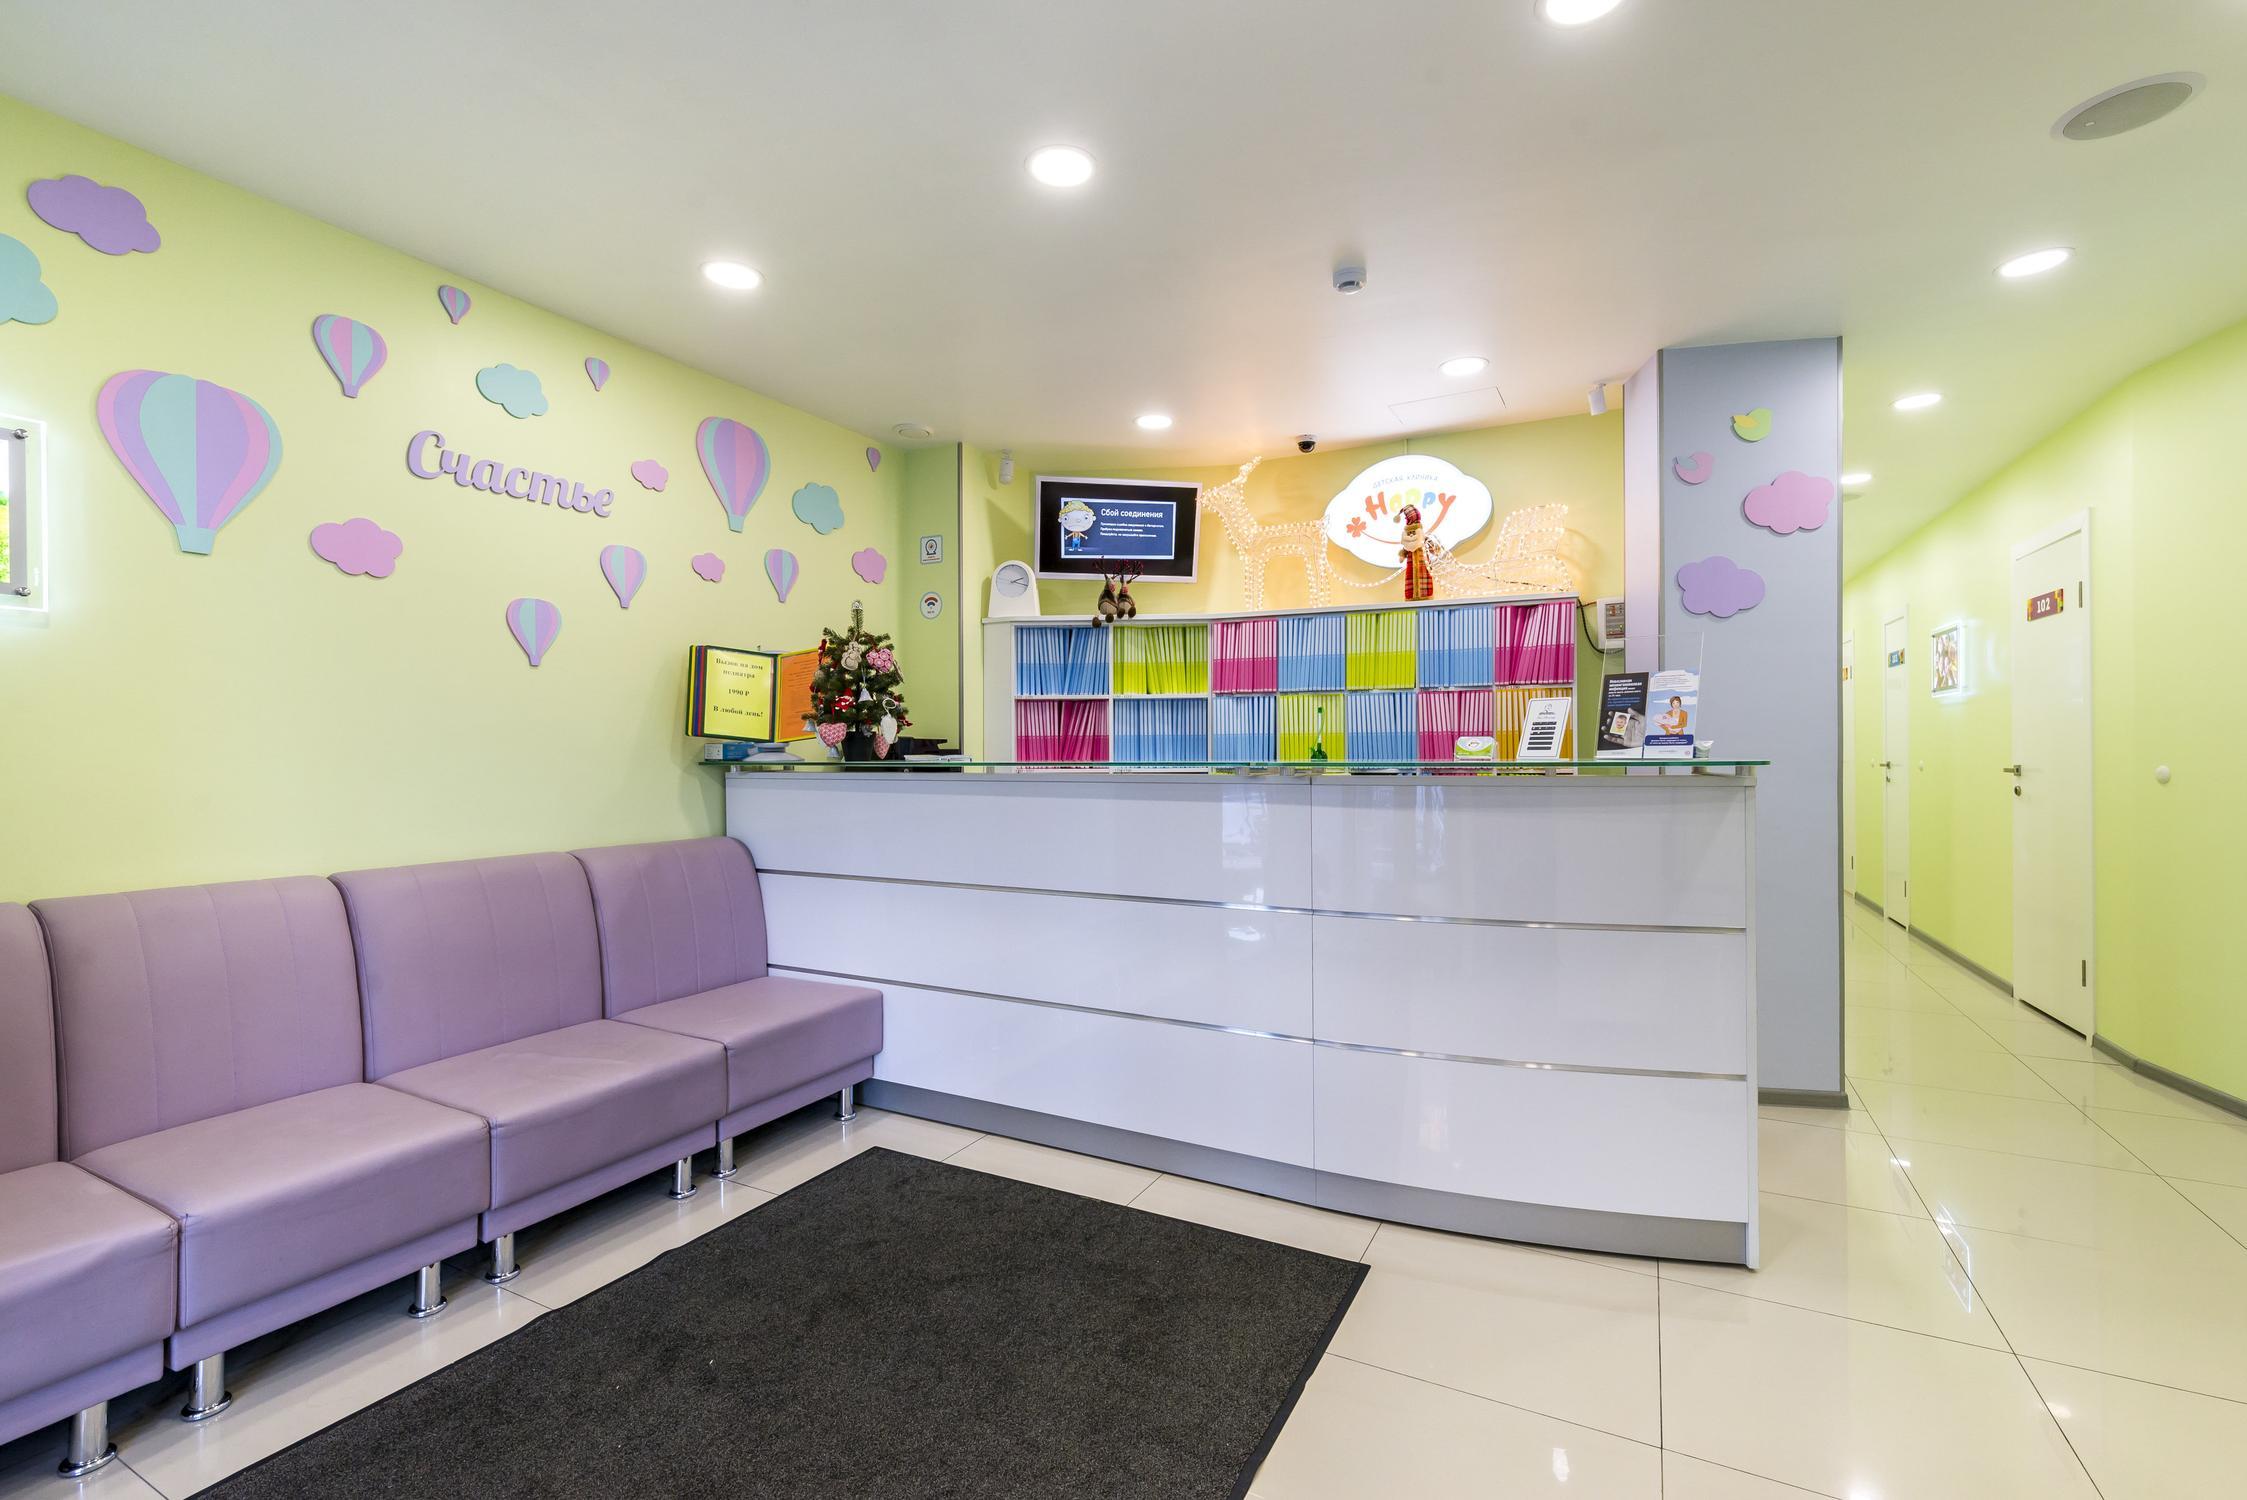 """фотография Медицинского центра для взрослых и детей """"Happy"""" в микрорайоне Родники"""